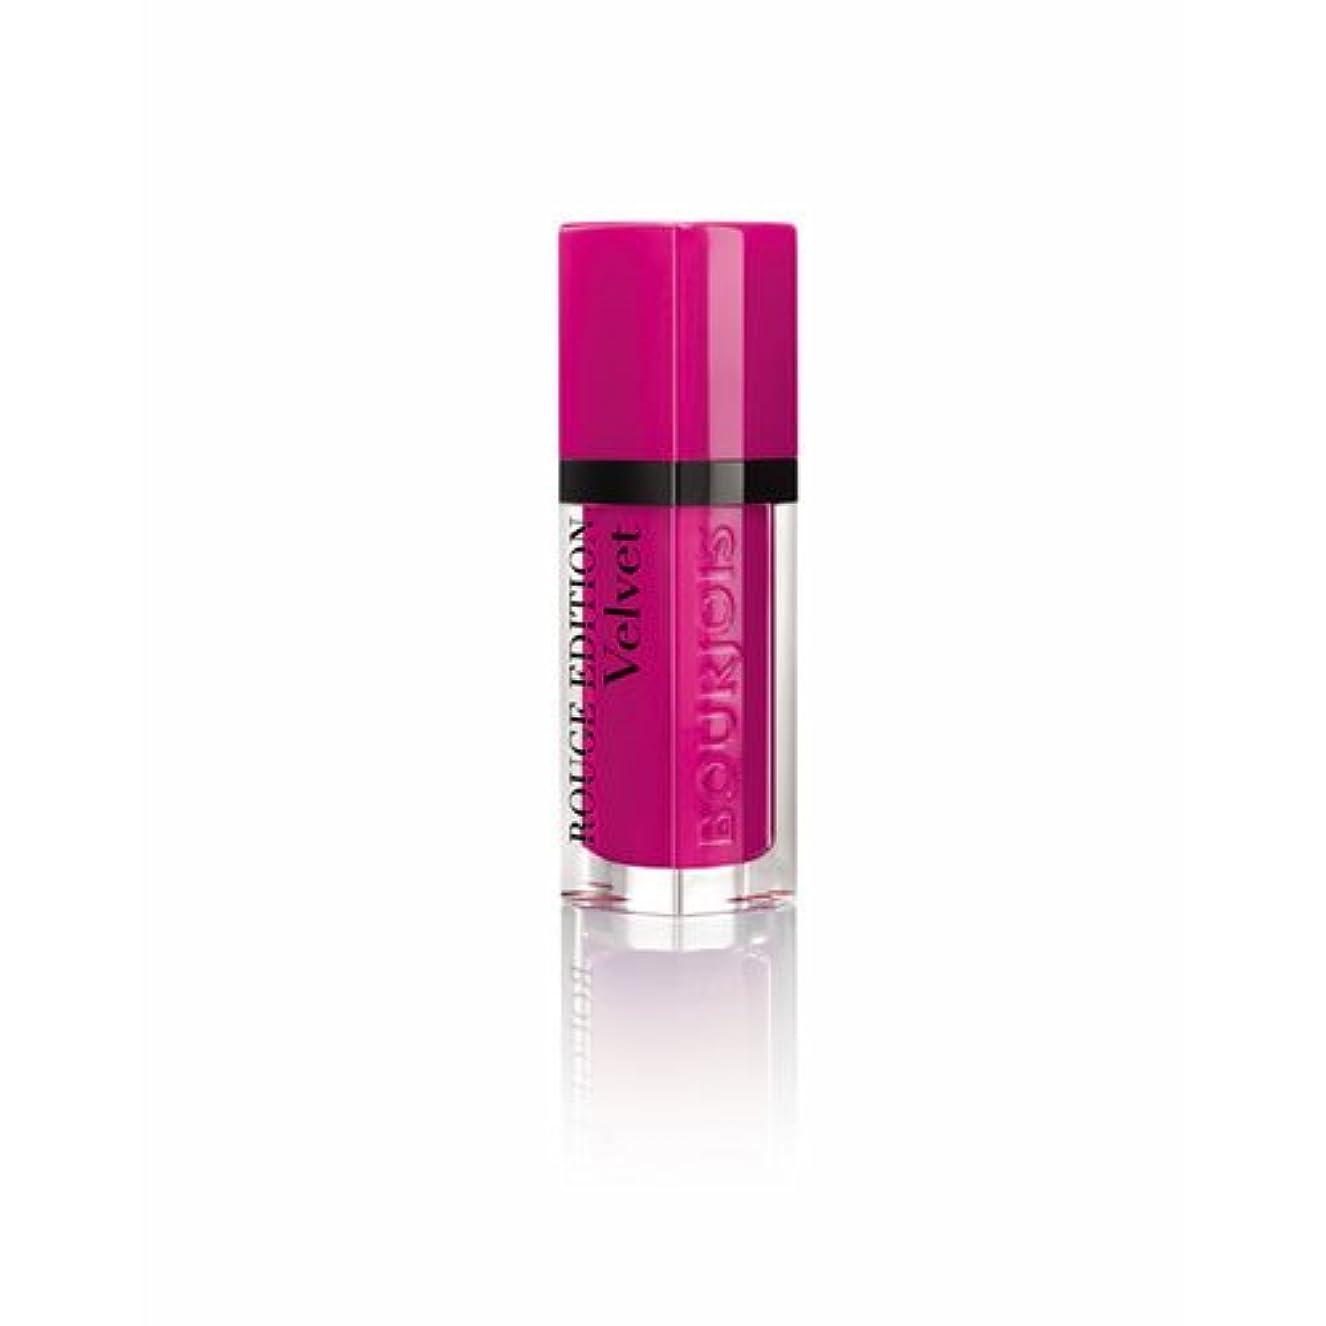 思春期ホステル大工ブルジョワ ルージュエディション ヴェルベット リップスティック (06 ピンク ポング) BOURJOIS ROUGE EDITION VELVET LIPSTICK 06 Pink Pong(ポスト投函対応) [並行輸入品]